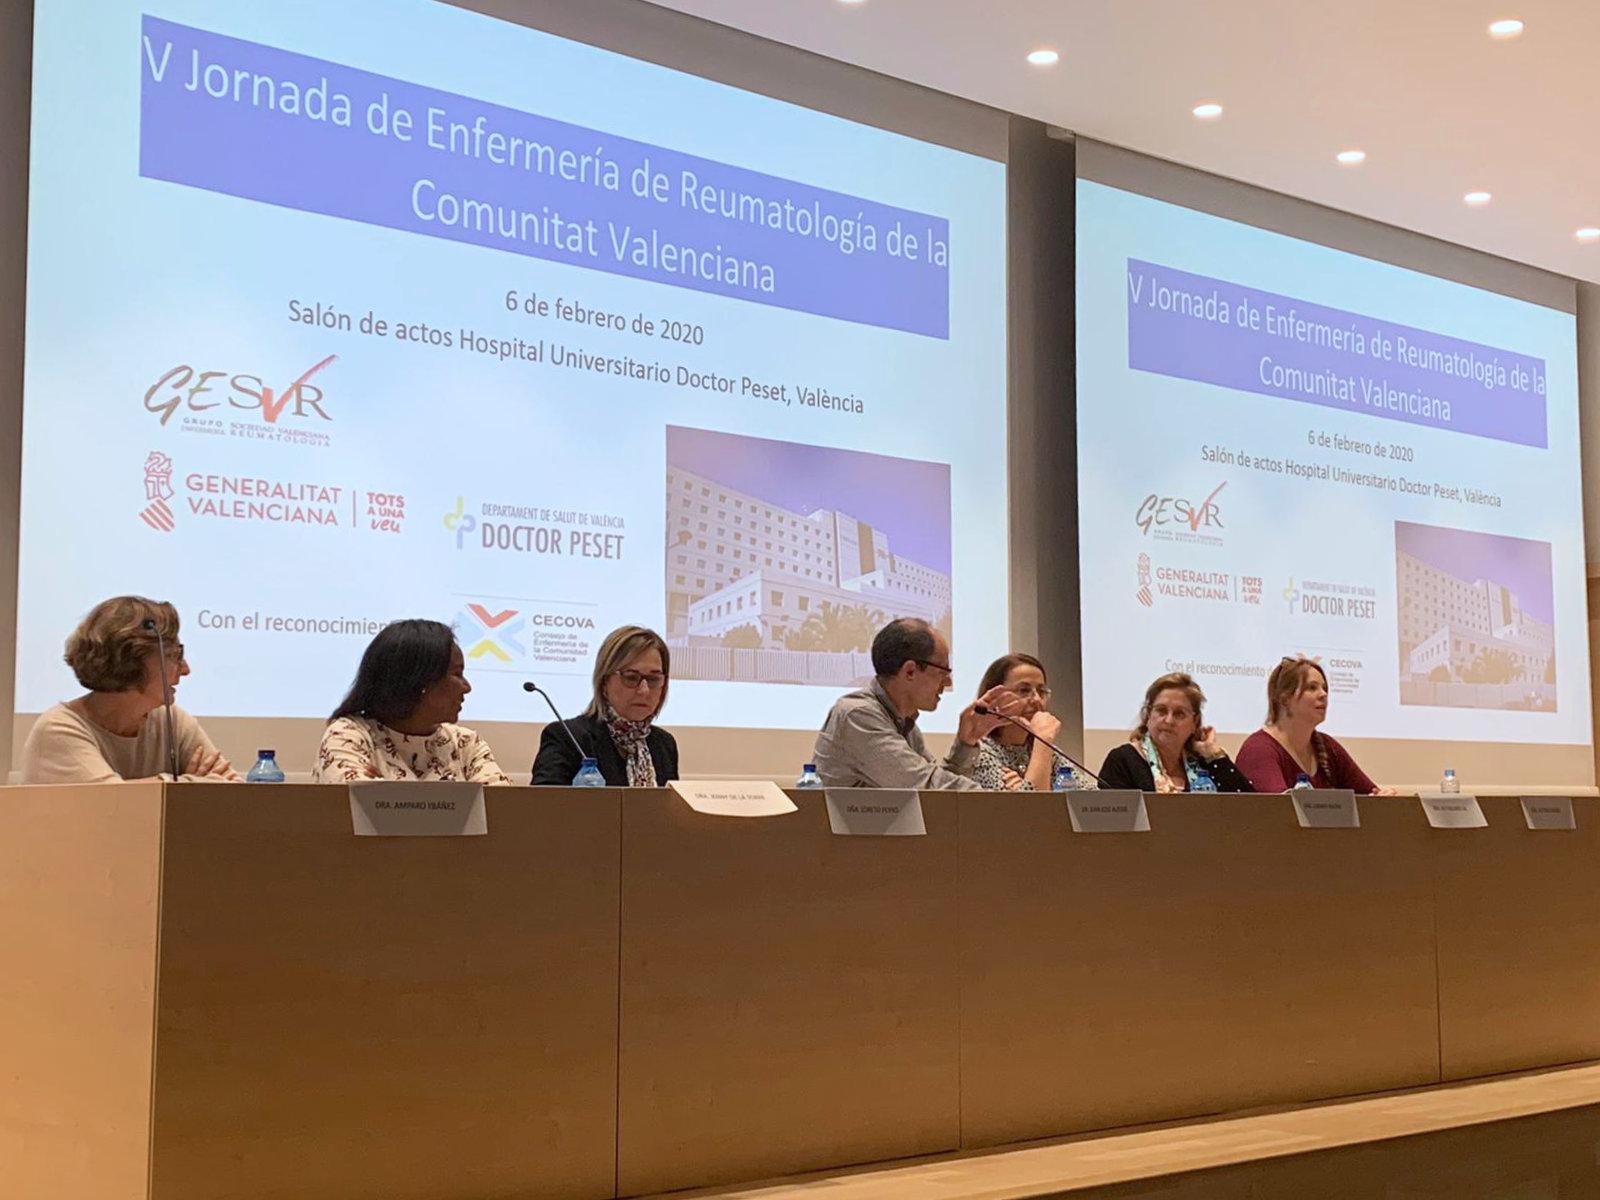 Gran acogida de la V Jornada de Enfermería Reumatológica de la Comunidad Valenciana